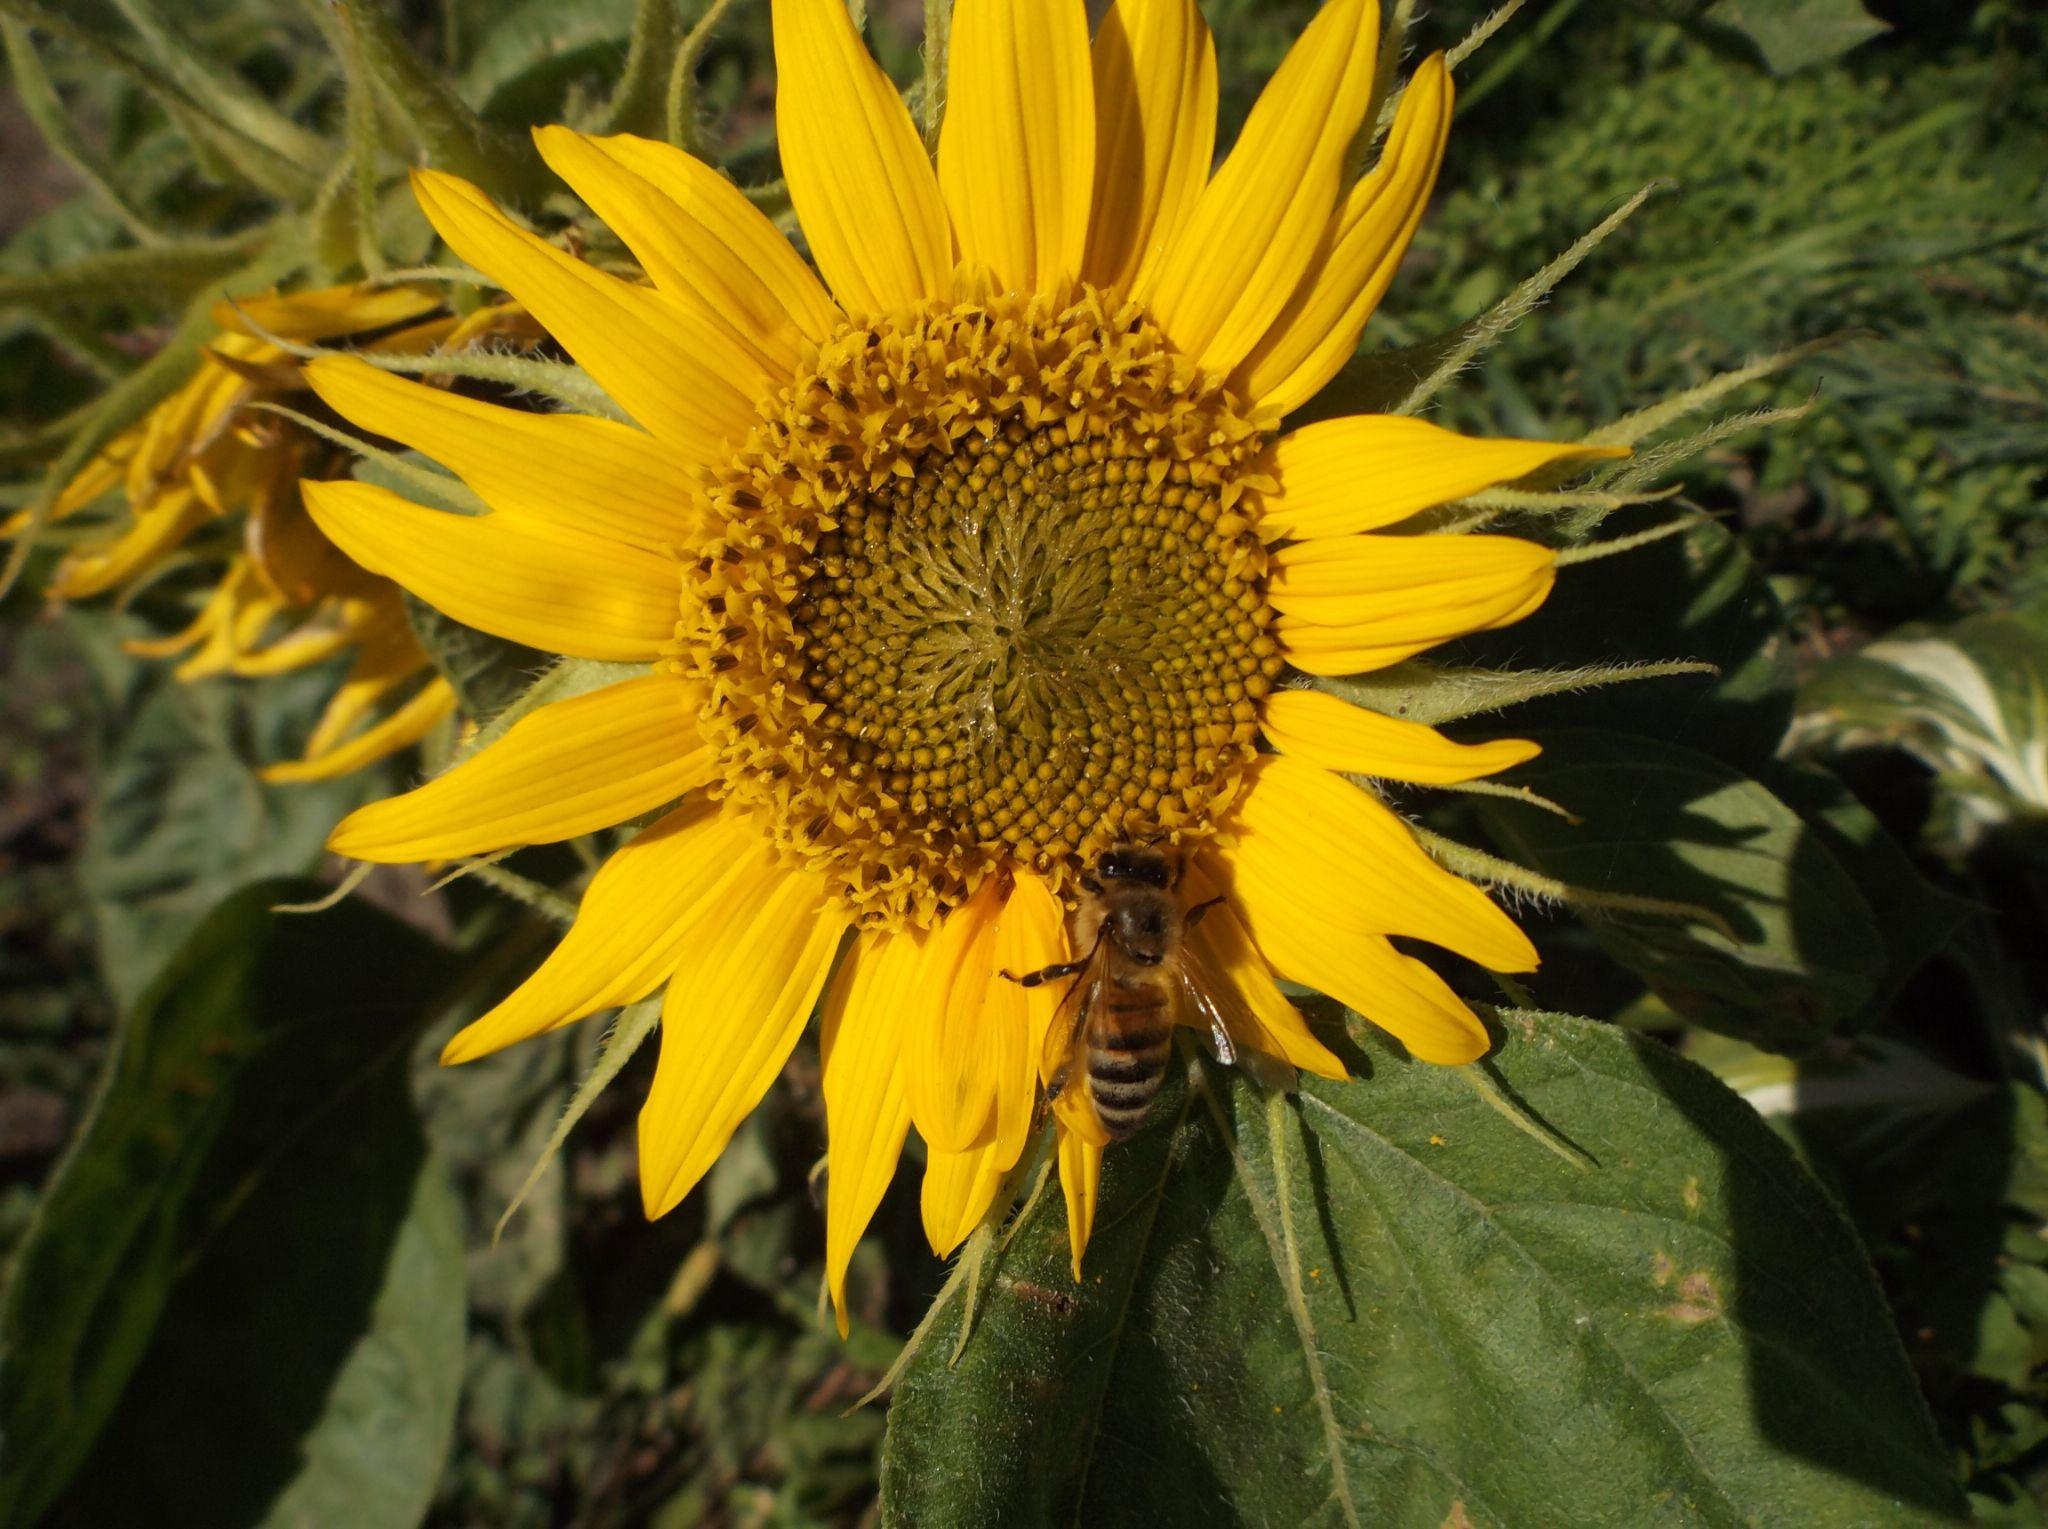 Bee  on a flower by Zita Užkuraitienė